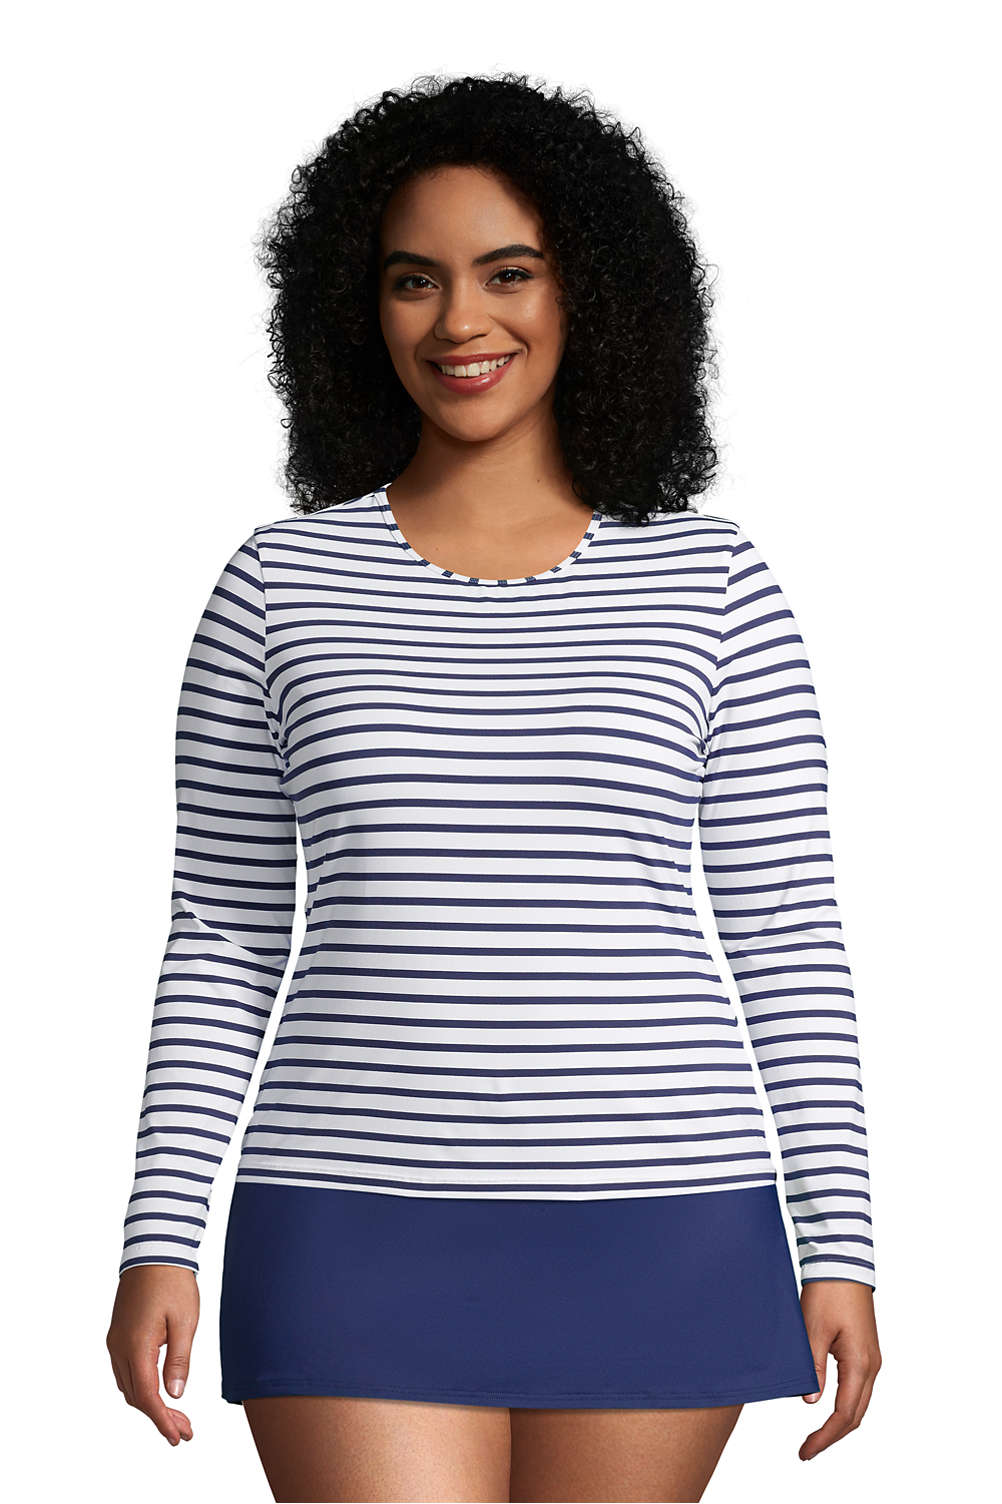 c93d66583f7 Women's Plus Size Long Sleeve Swim Tee Rash Guard Stripe from Lands' End